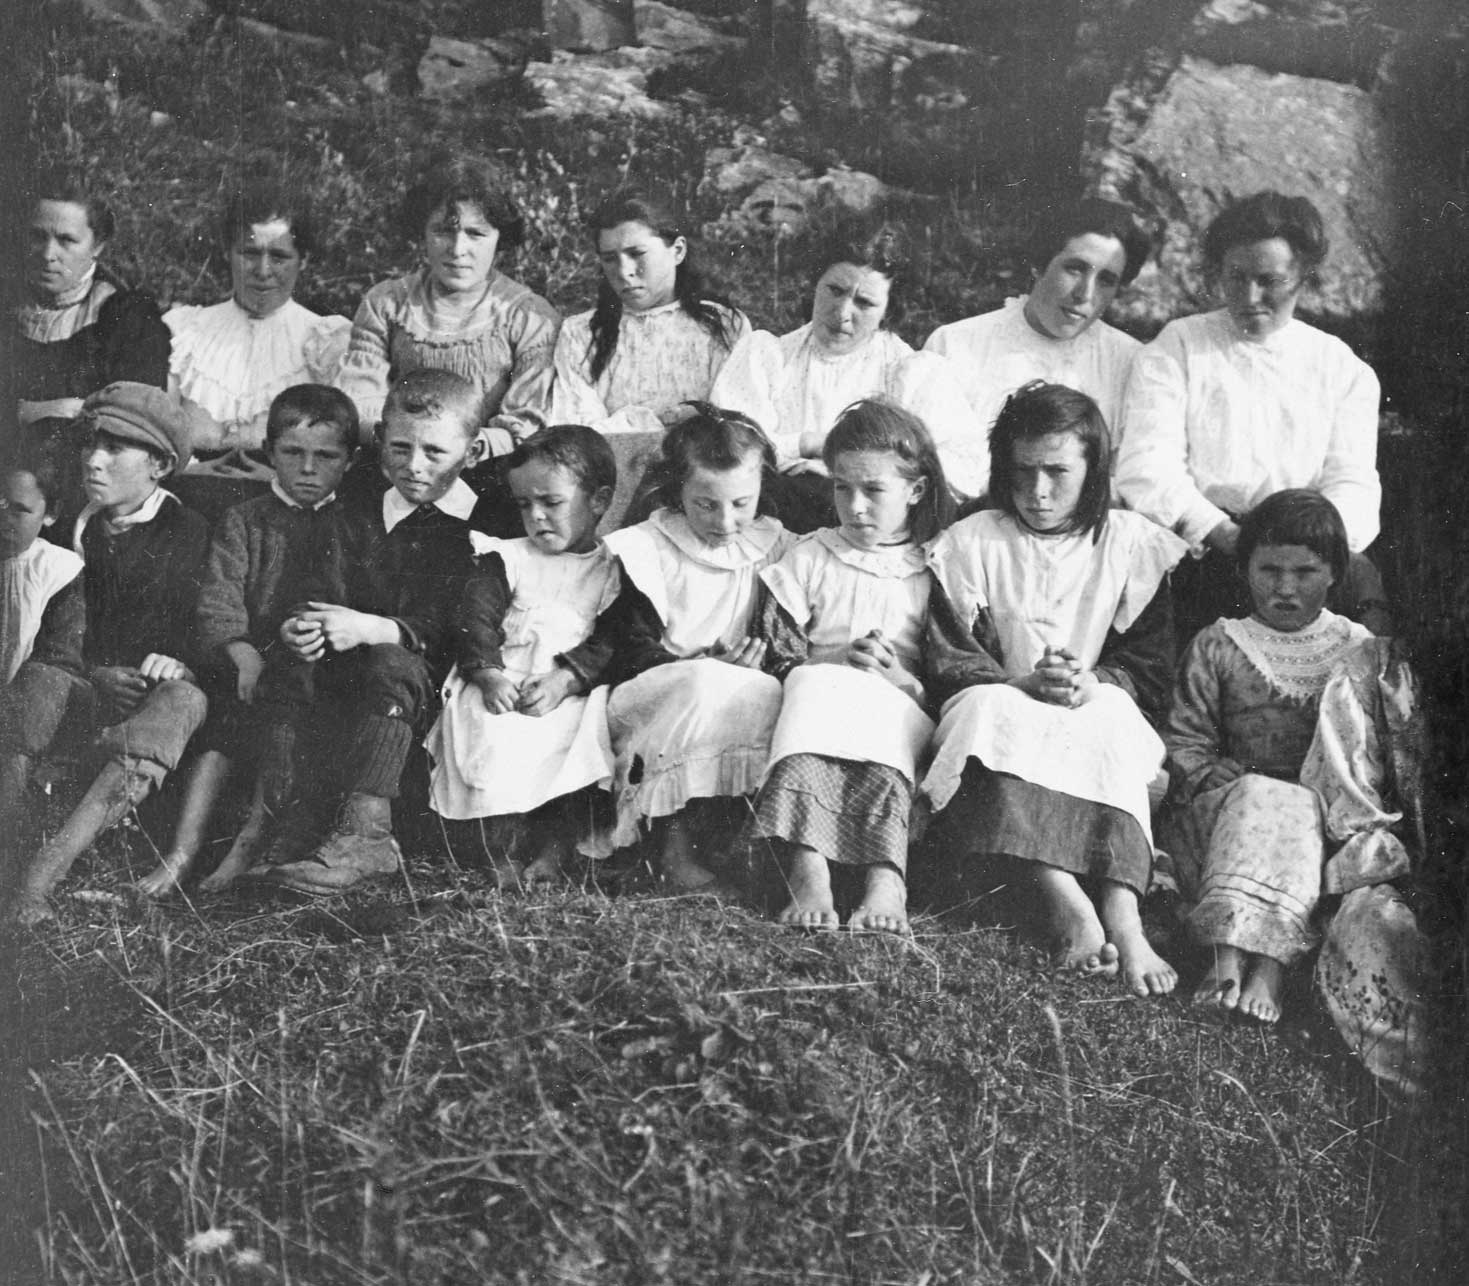 Schoolchildren with their teachers in the west of Ireland